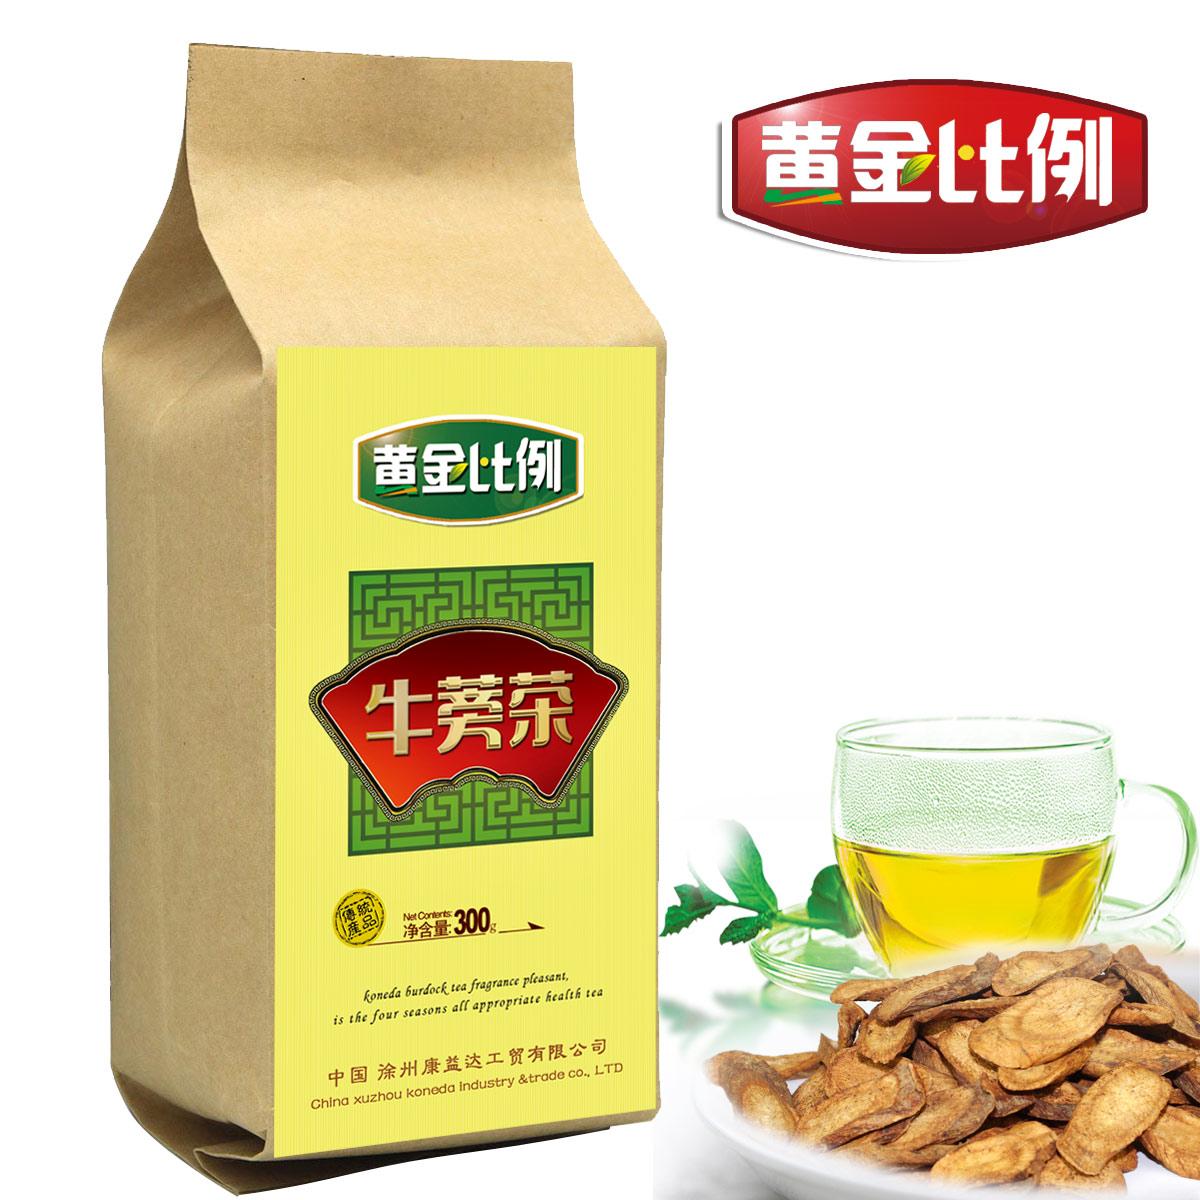 «Купить 5 получить 1 бесплатно» золотой пропорции лопуха корень чай рядом с оригинальной 300 g лопуха корова в Тиба, Сюйчжоу, ценность для деньги с чаем